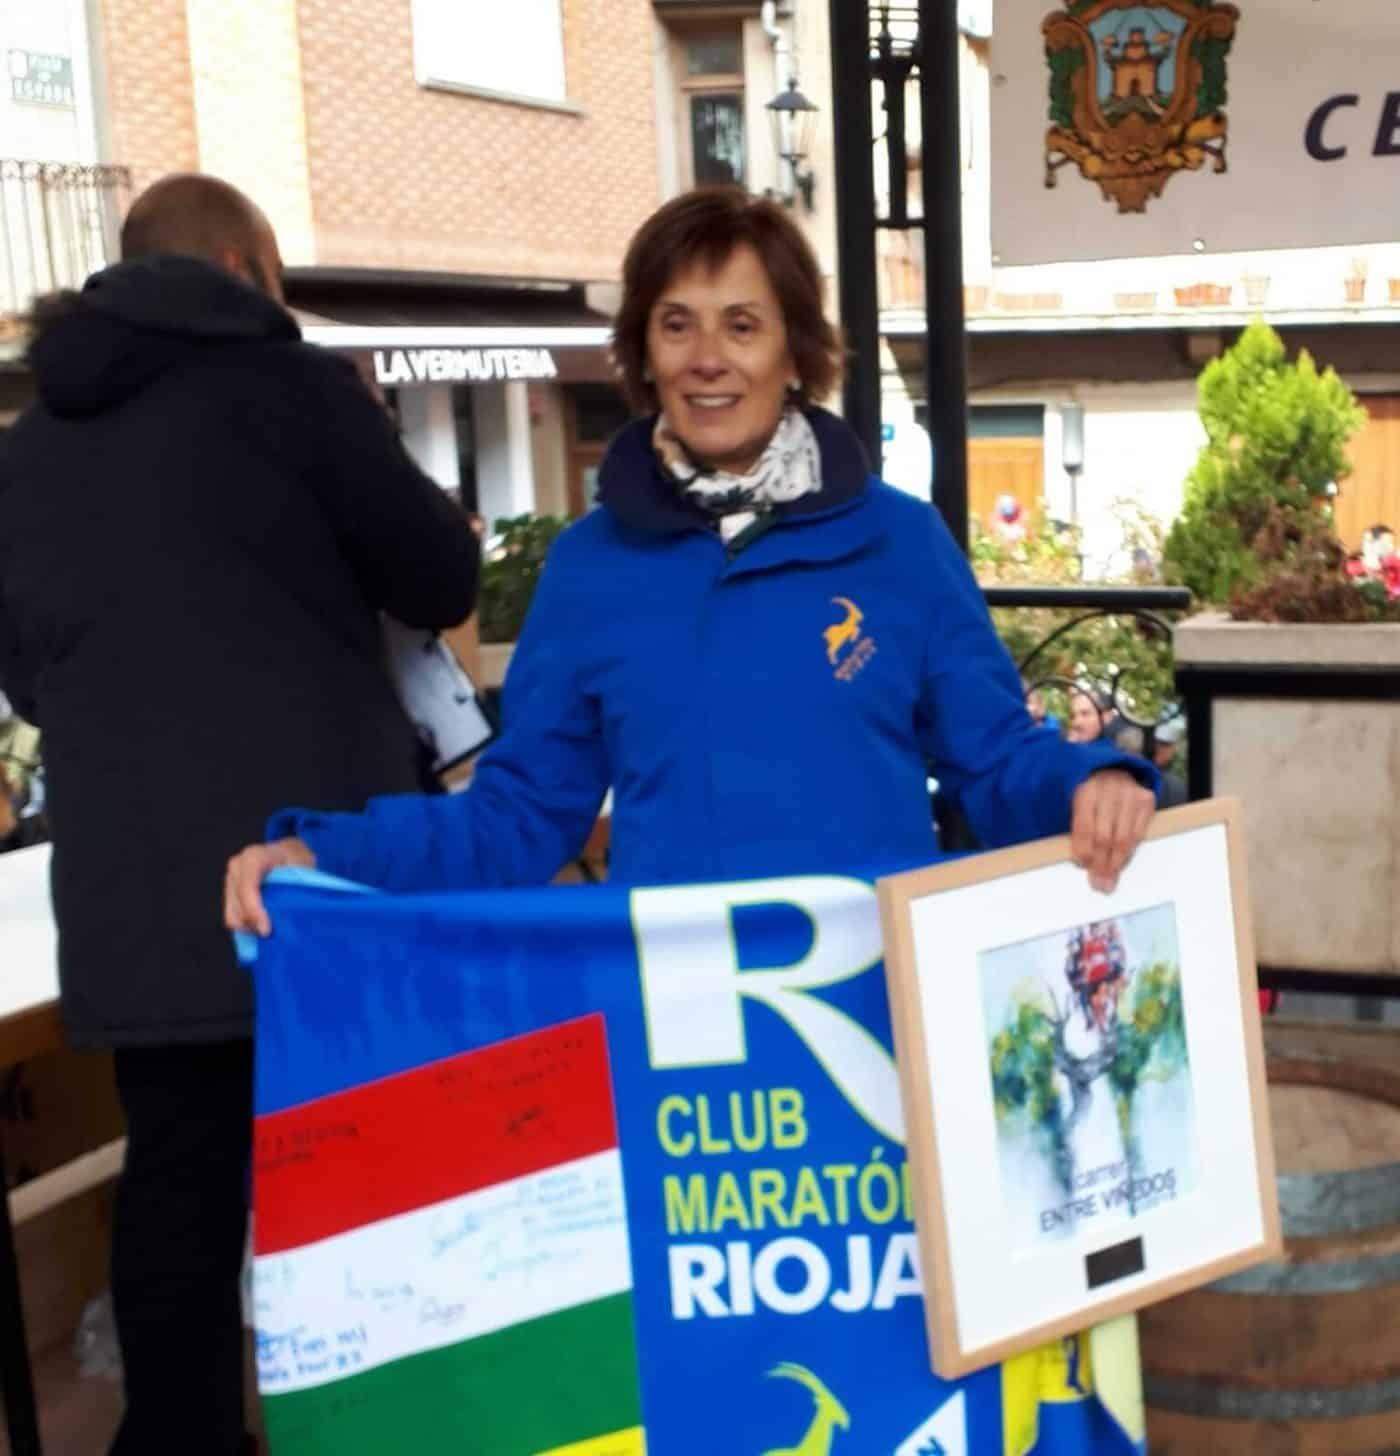 David Martínez y Paula Sanz del Río, ganadores de la Carrera Entre Viñedos Smart 2